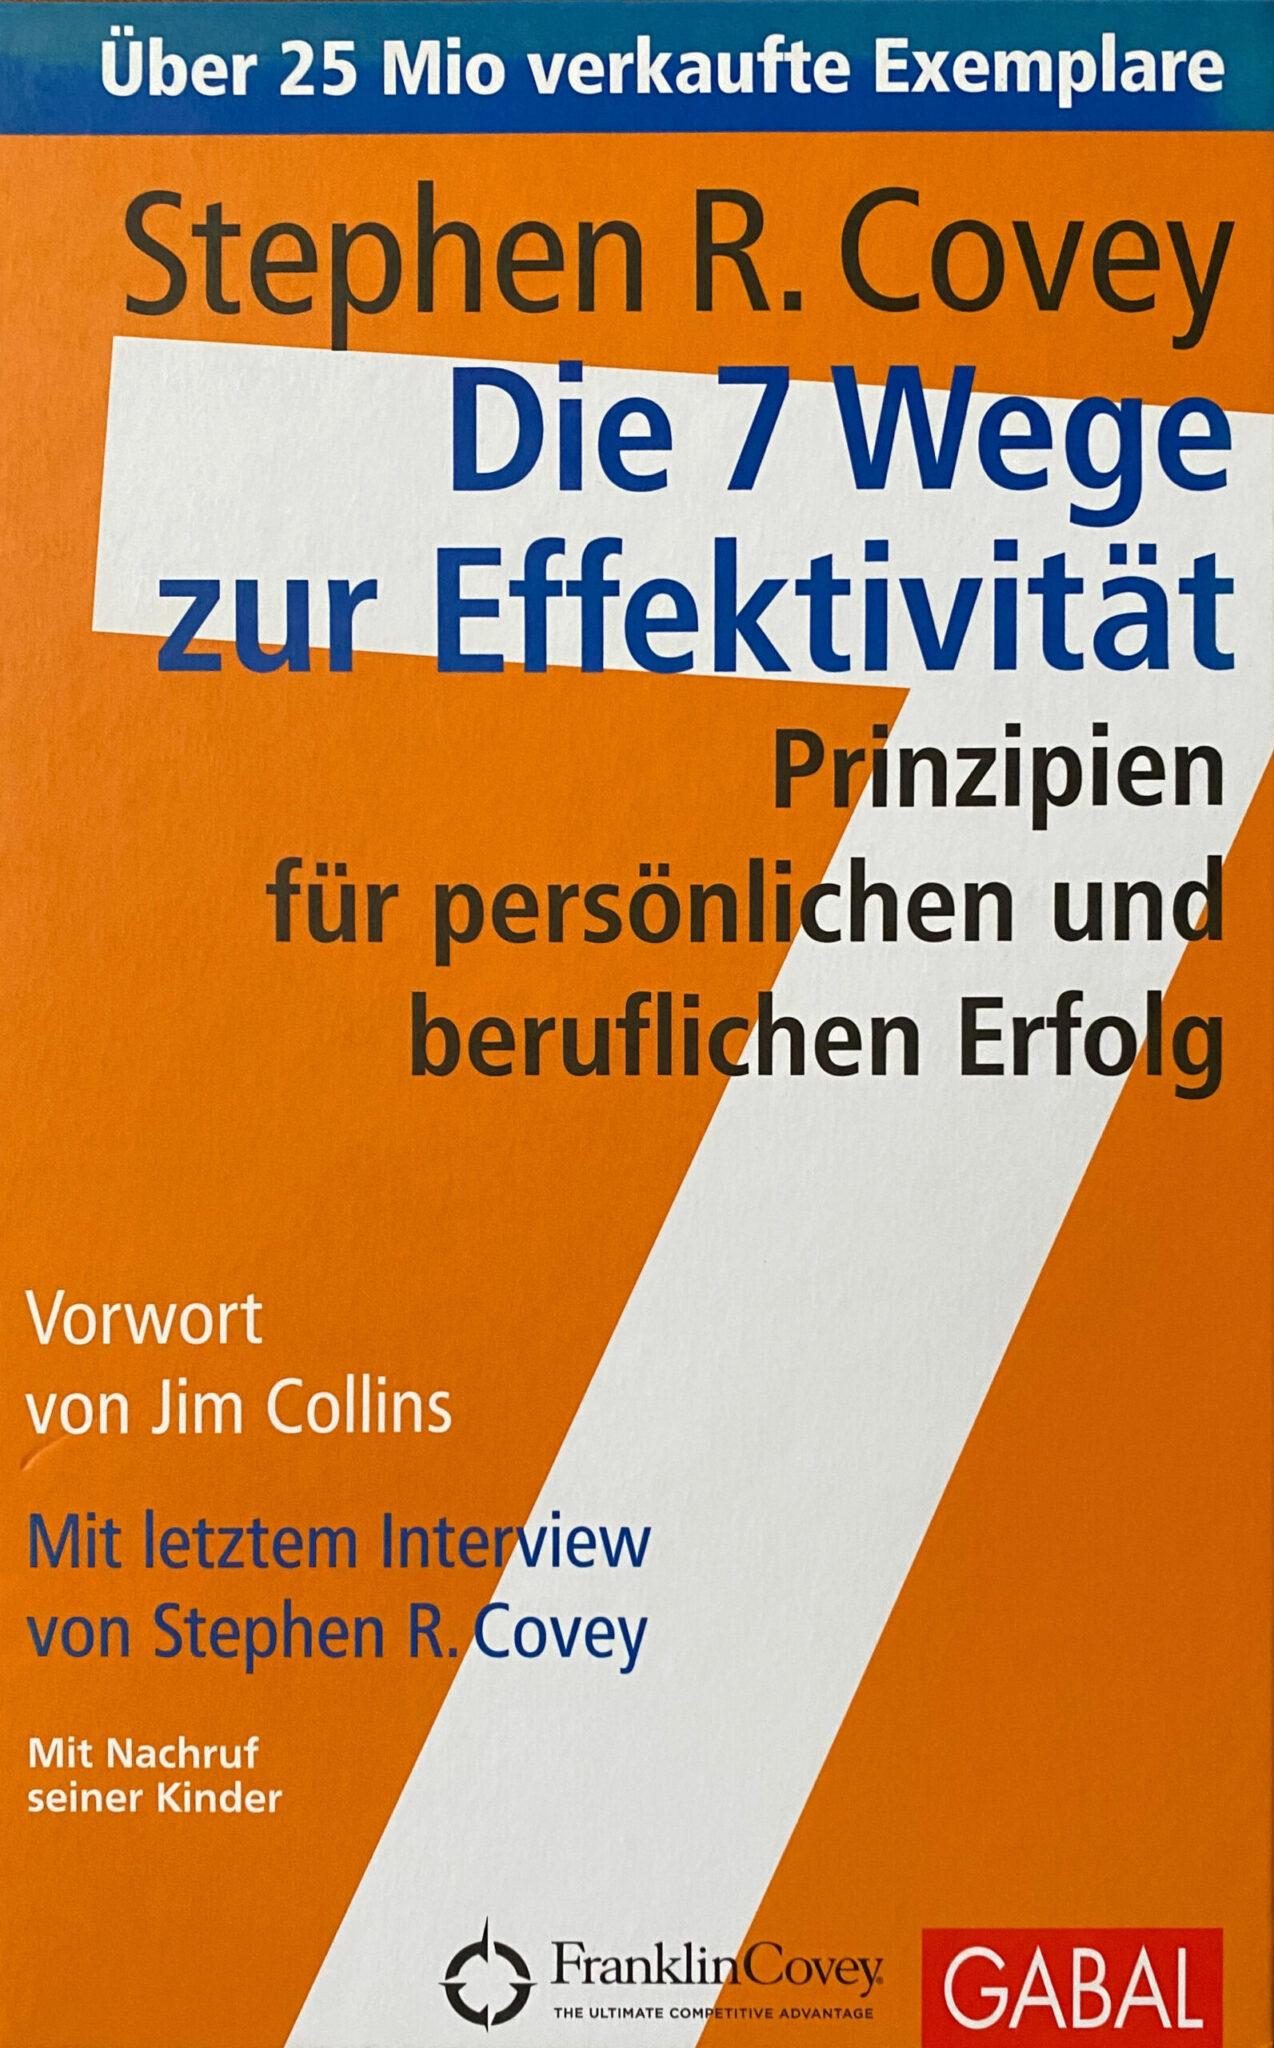 Die 7 Wege zur Effektivität - Stephen R. Covey